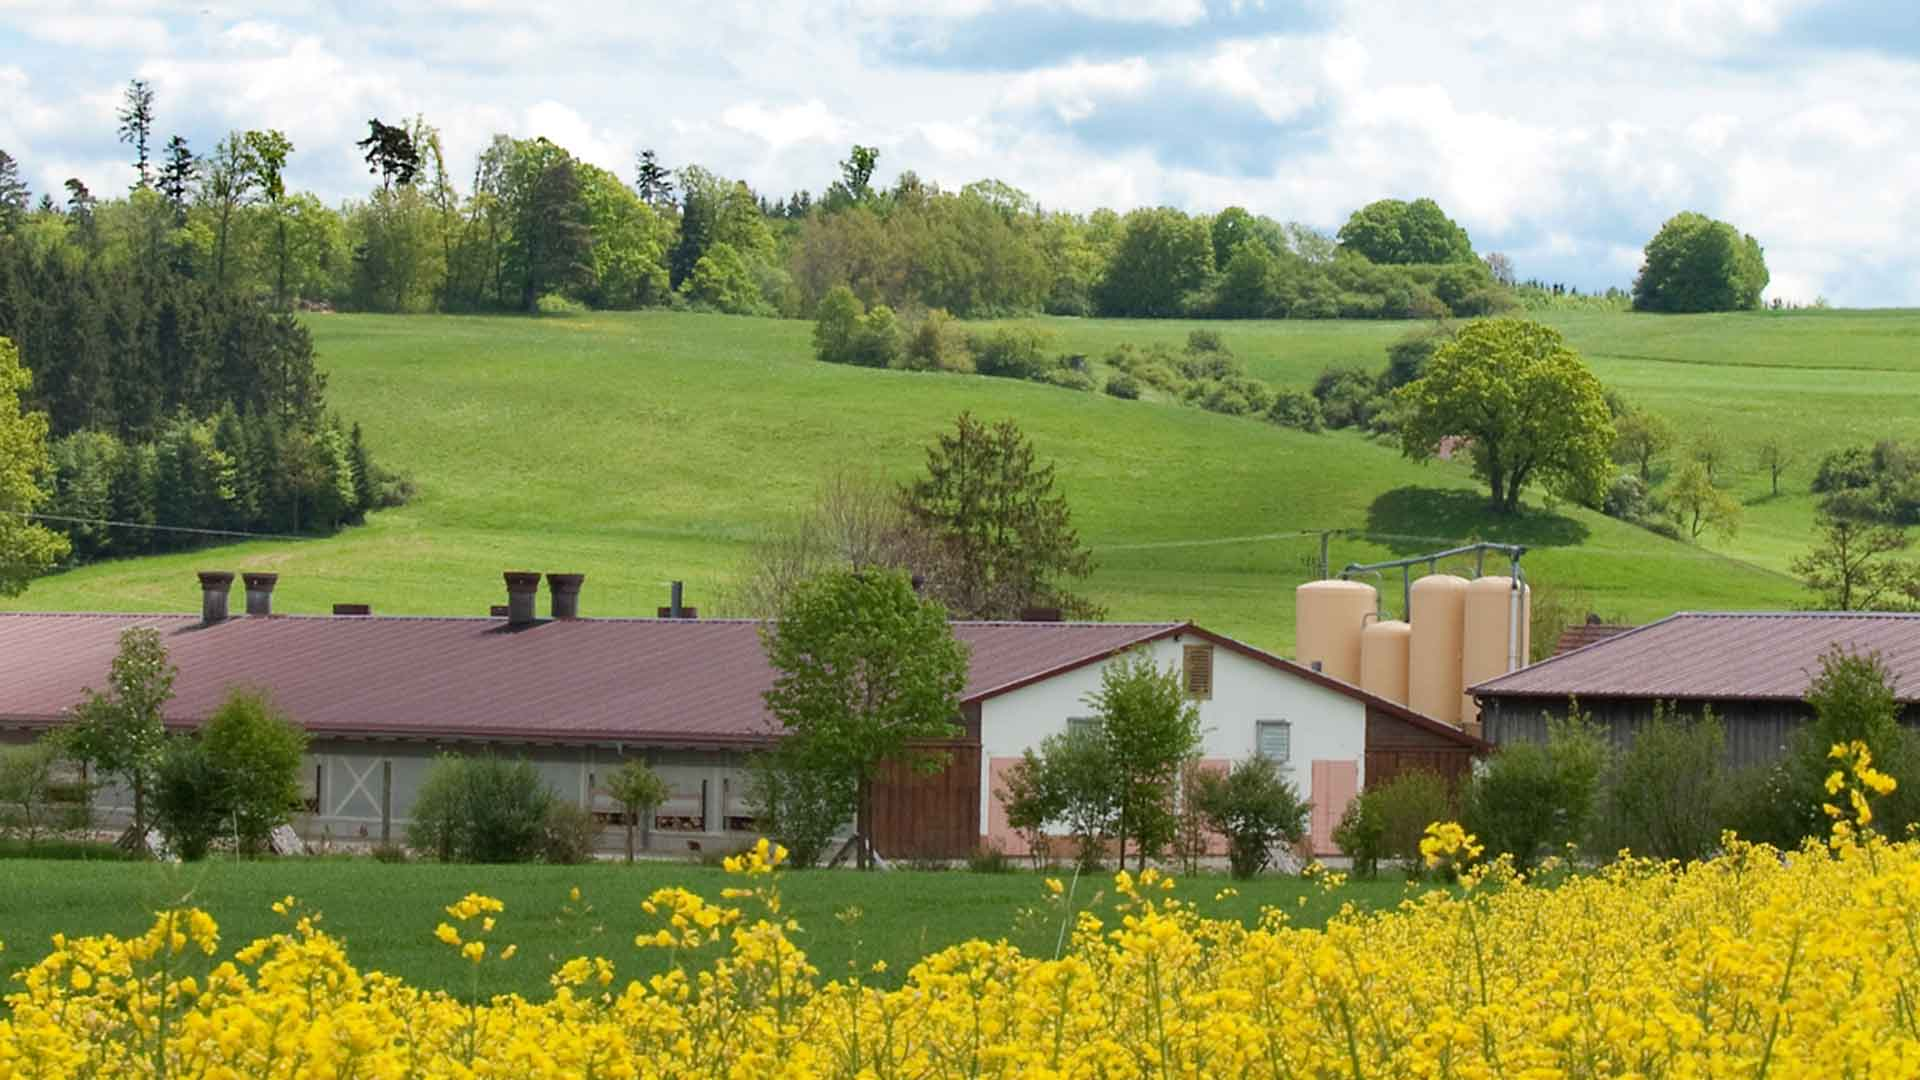 Der Steinefurthof und das naheligende Rapsfeld